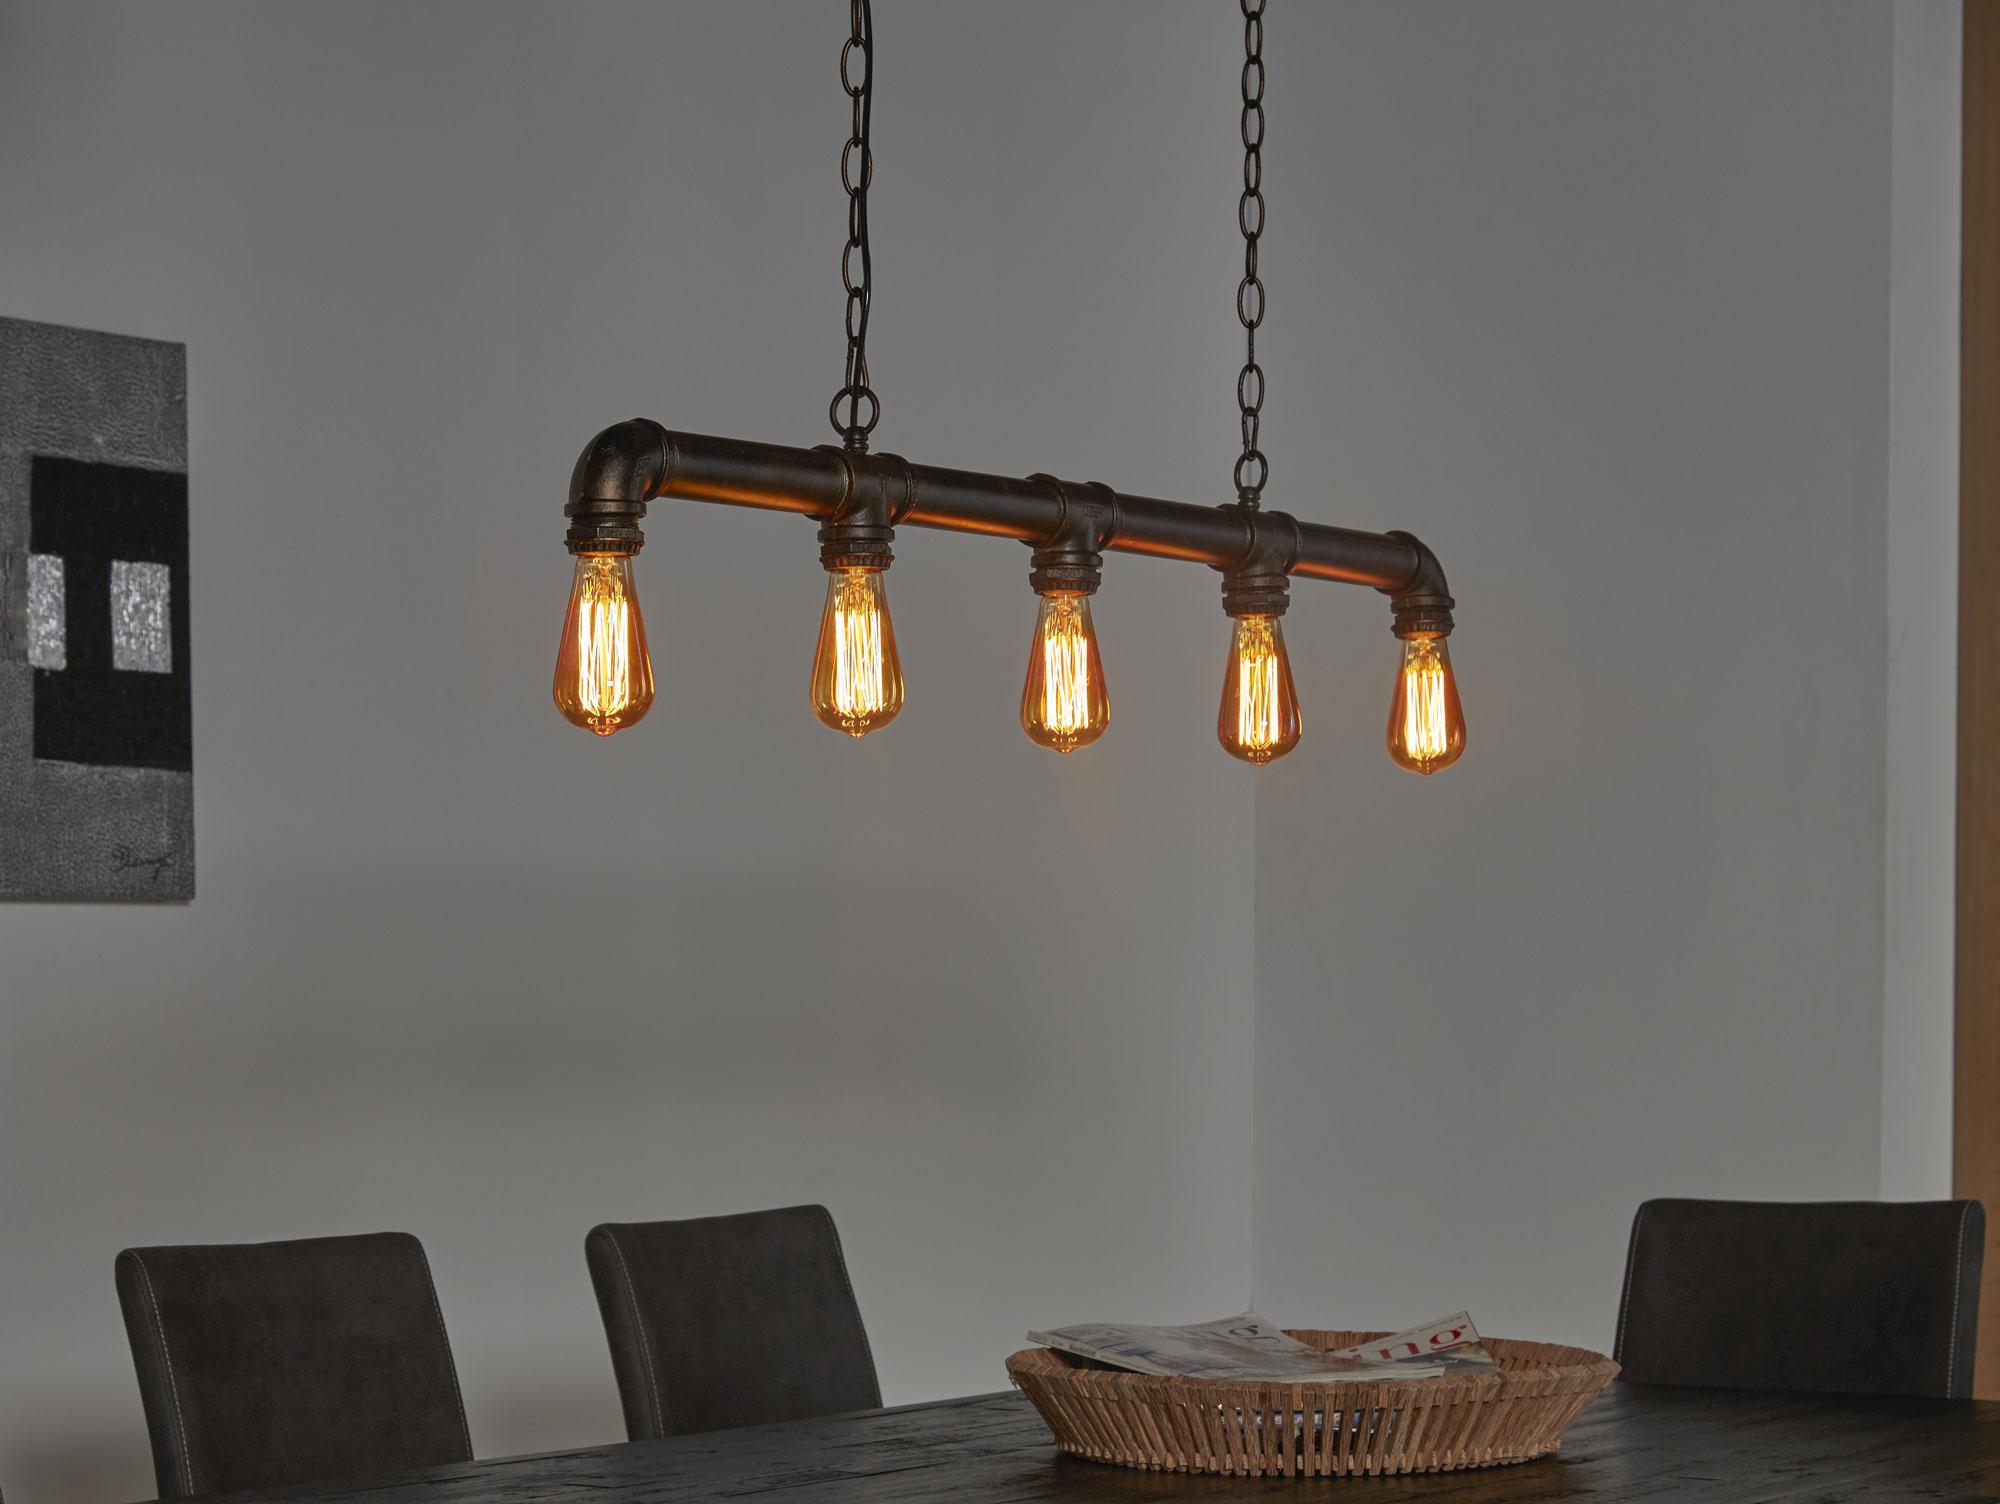 Design Tafel Lamp : Tafel hängelampe deckenleuchte pendelleuchte industrial design